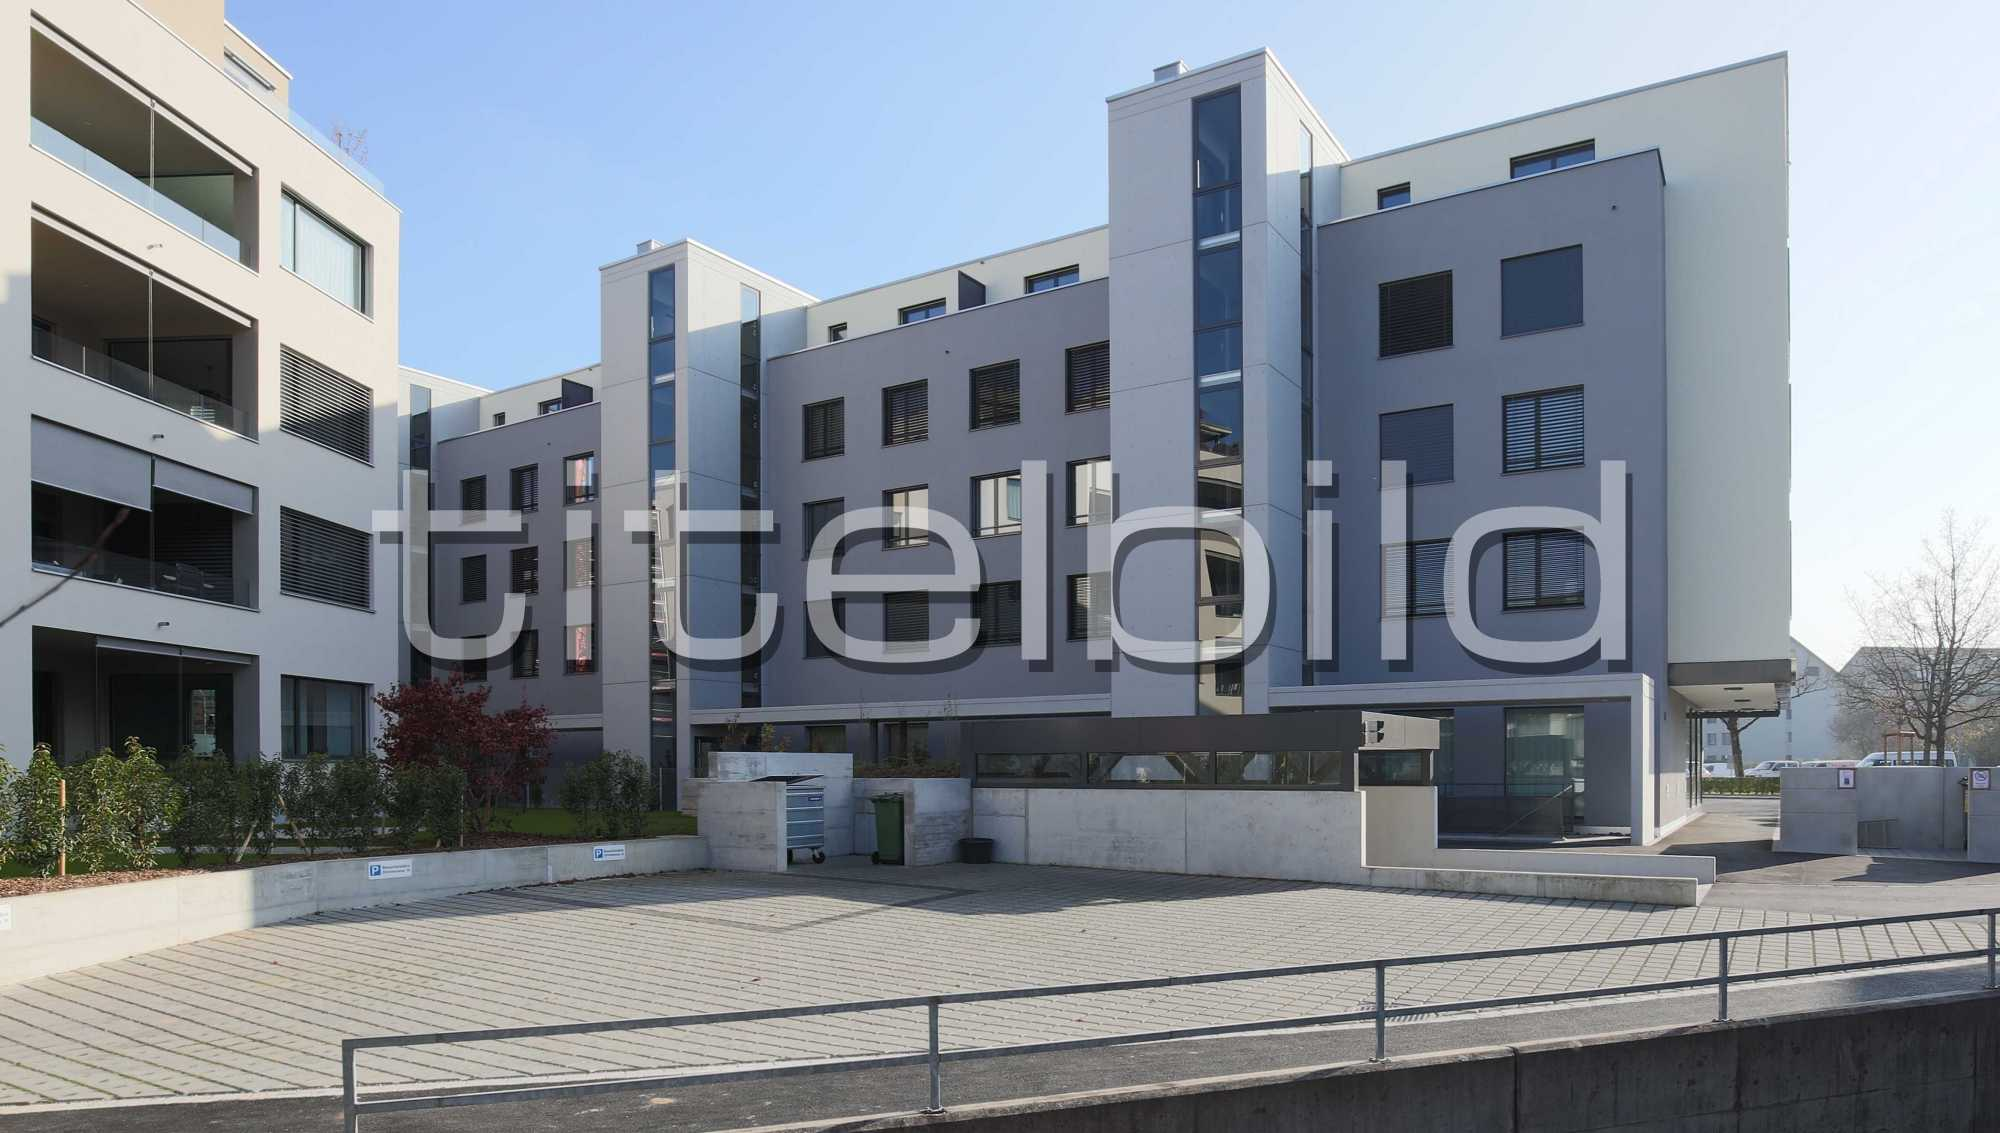 Projektbild-Nr. 2: Wohn- und Geschäftshaus